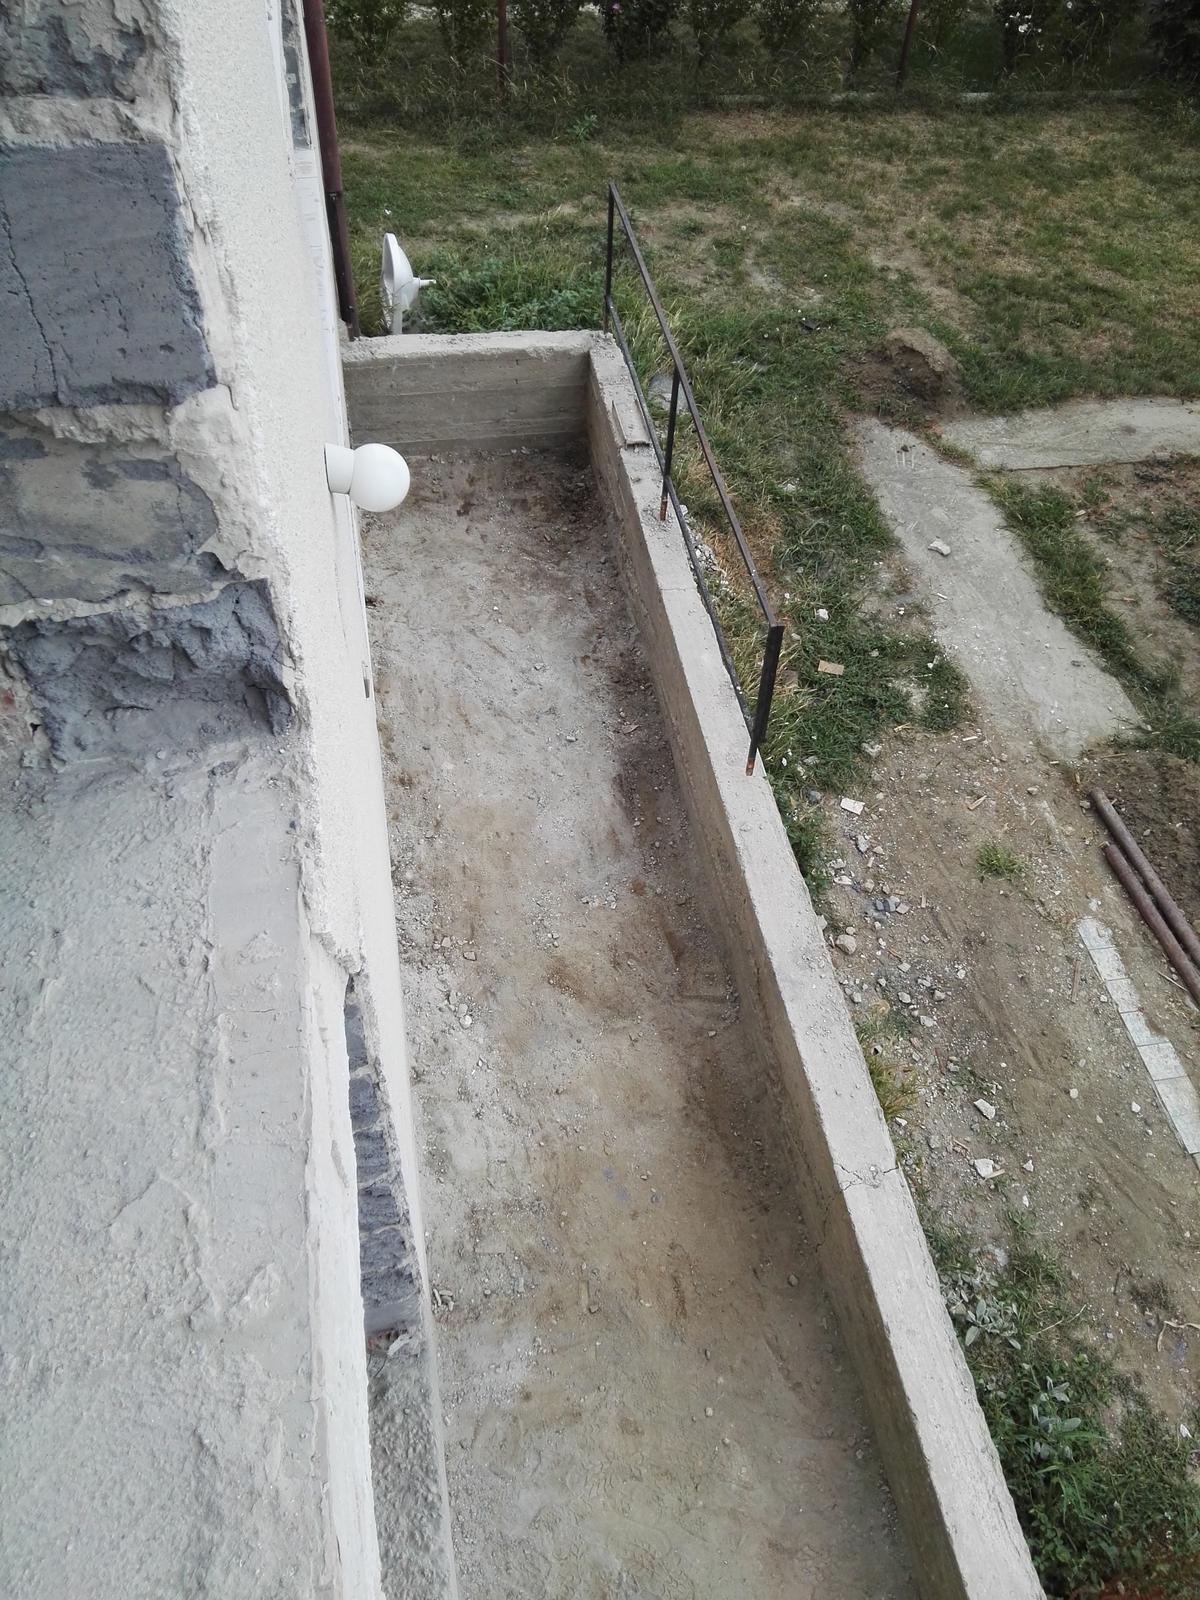 Rekonstrukcia RD - Bordel z terasy vyvozený (už asi piaty-apevne verím posledný krát) - EDIT: jasné že je tam už za 10 furikov nasypaných odvtedy